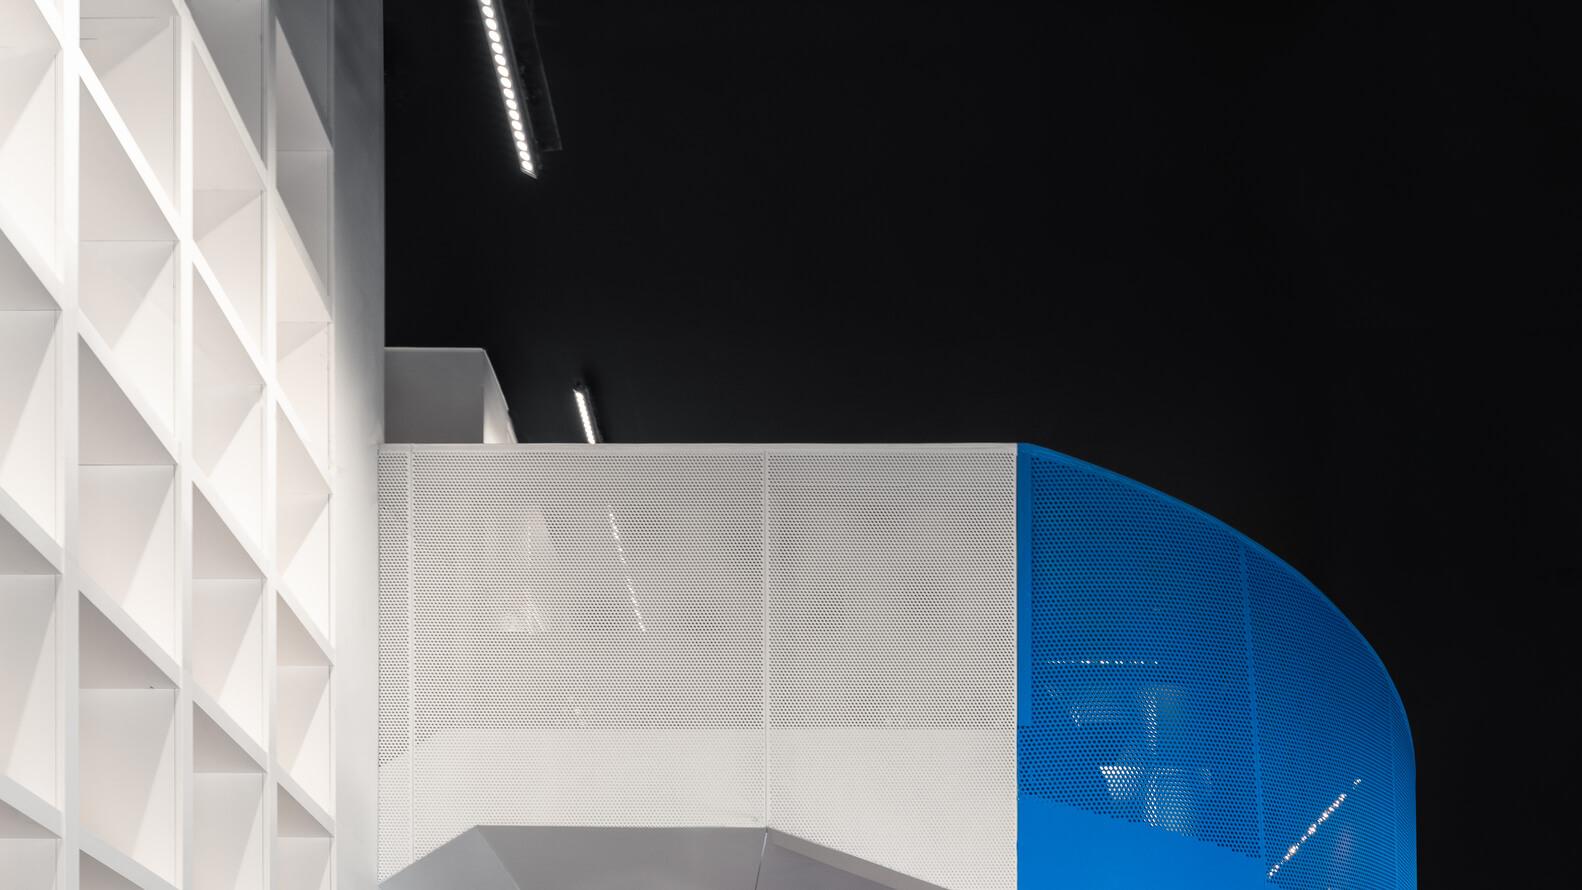 perforated aluminum guard bar